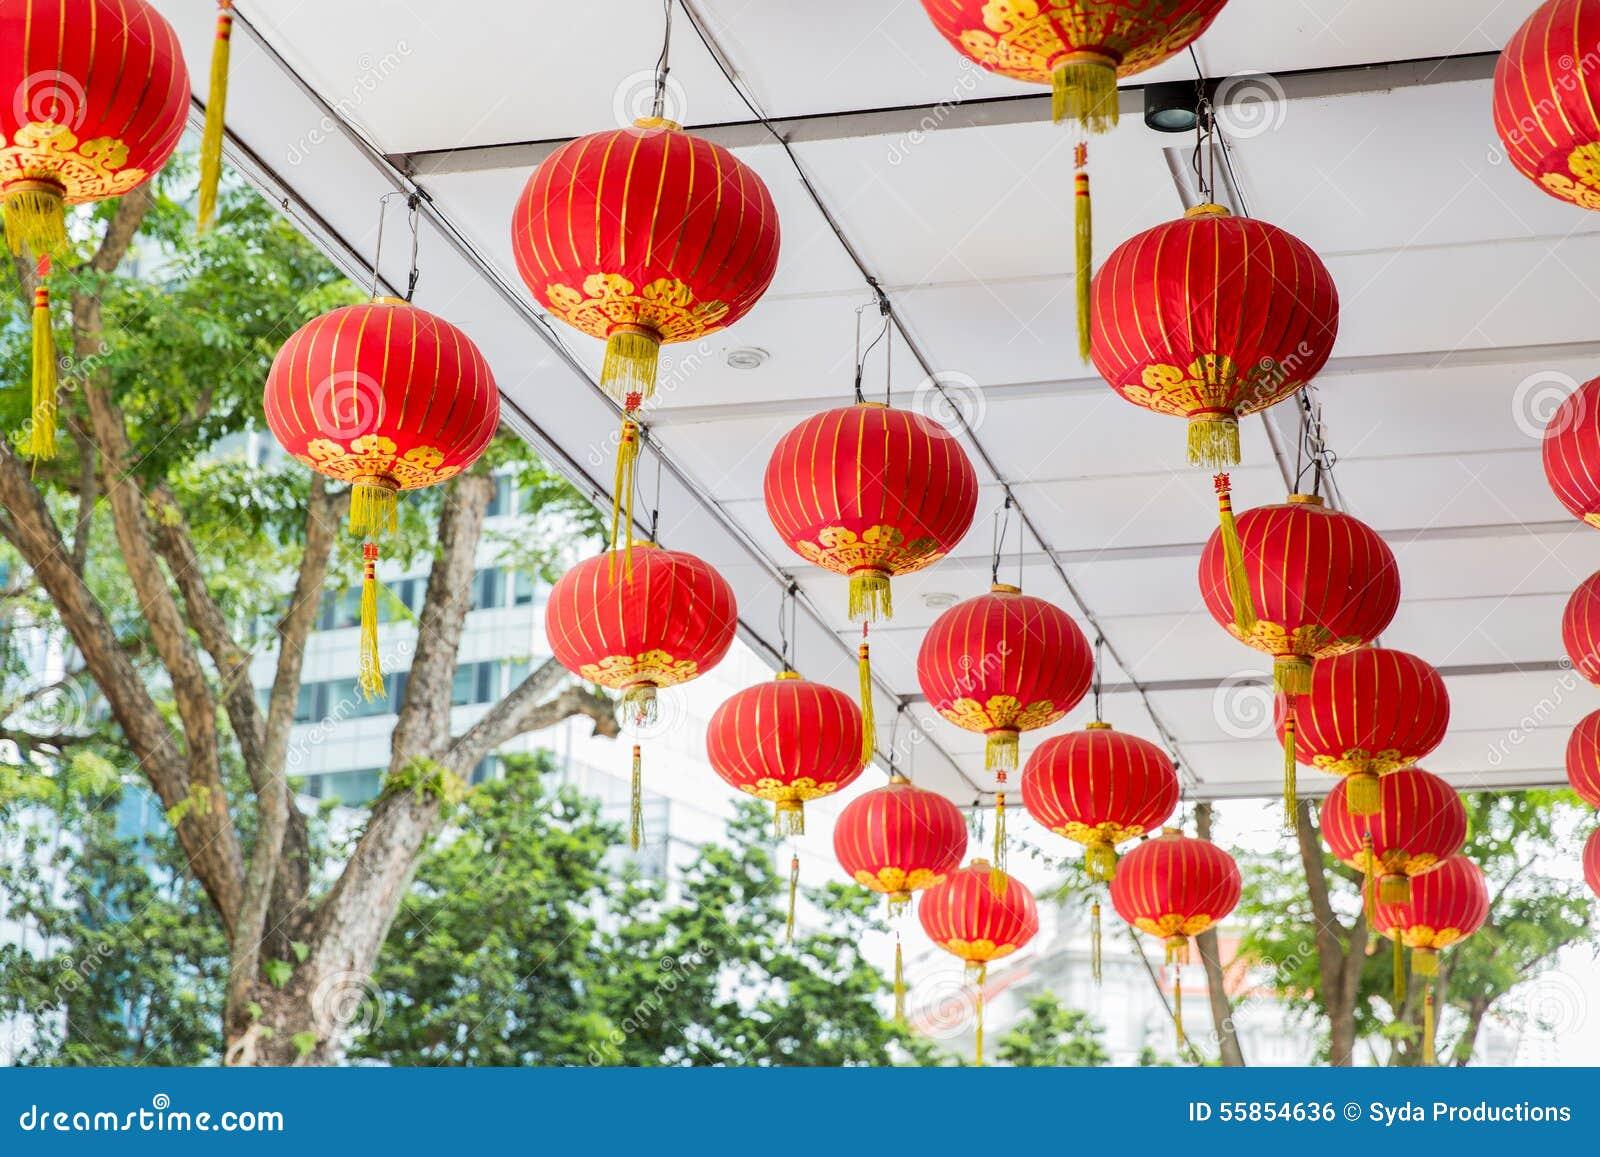 Decorazioni Con Lanterne Cinesi : Soffitto decorato con l attaccatura delle lanterne cinesi